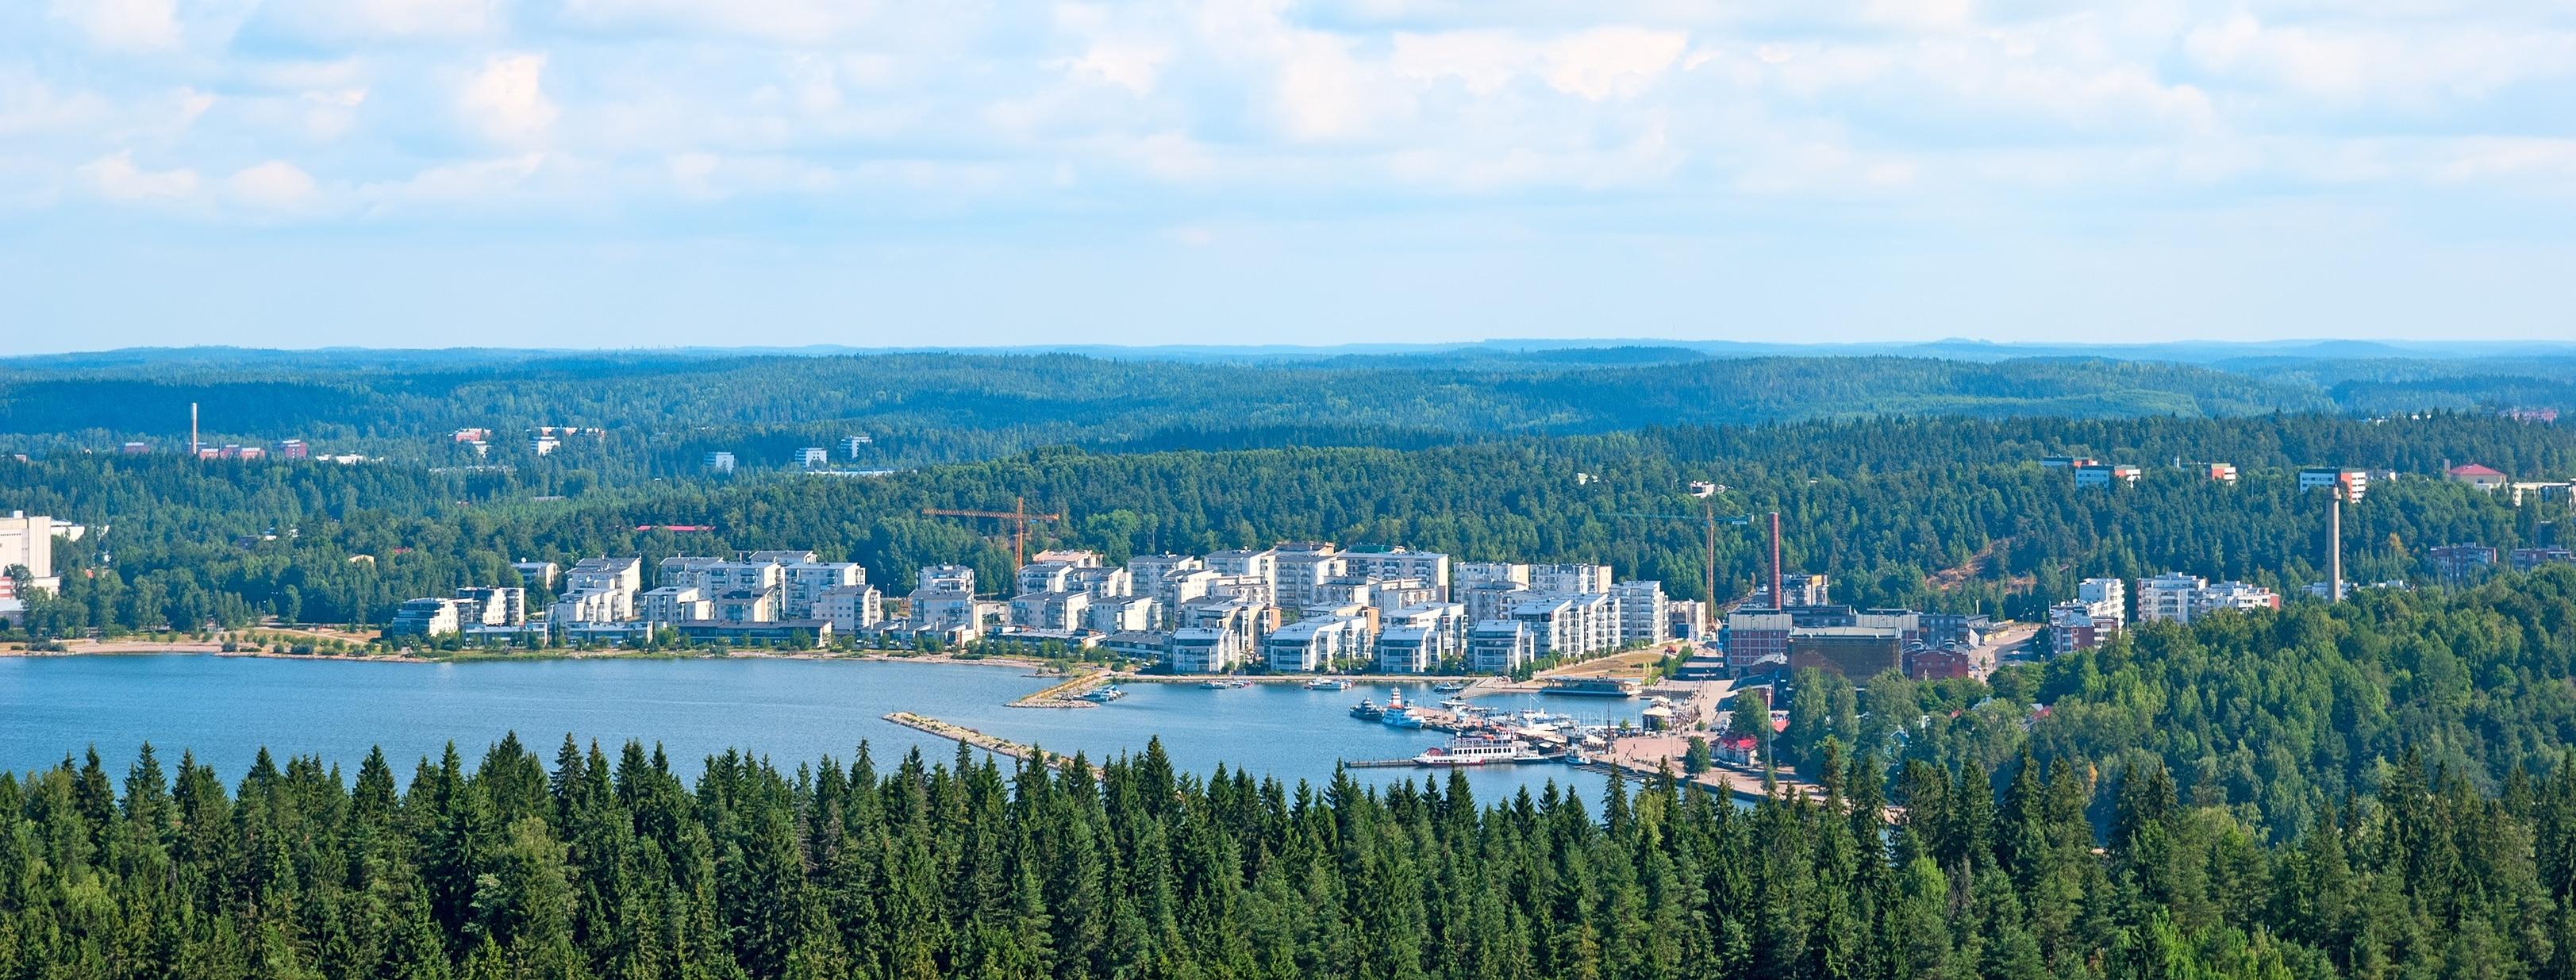 Lahti, Lahti, Finnland